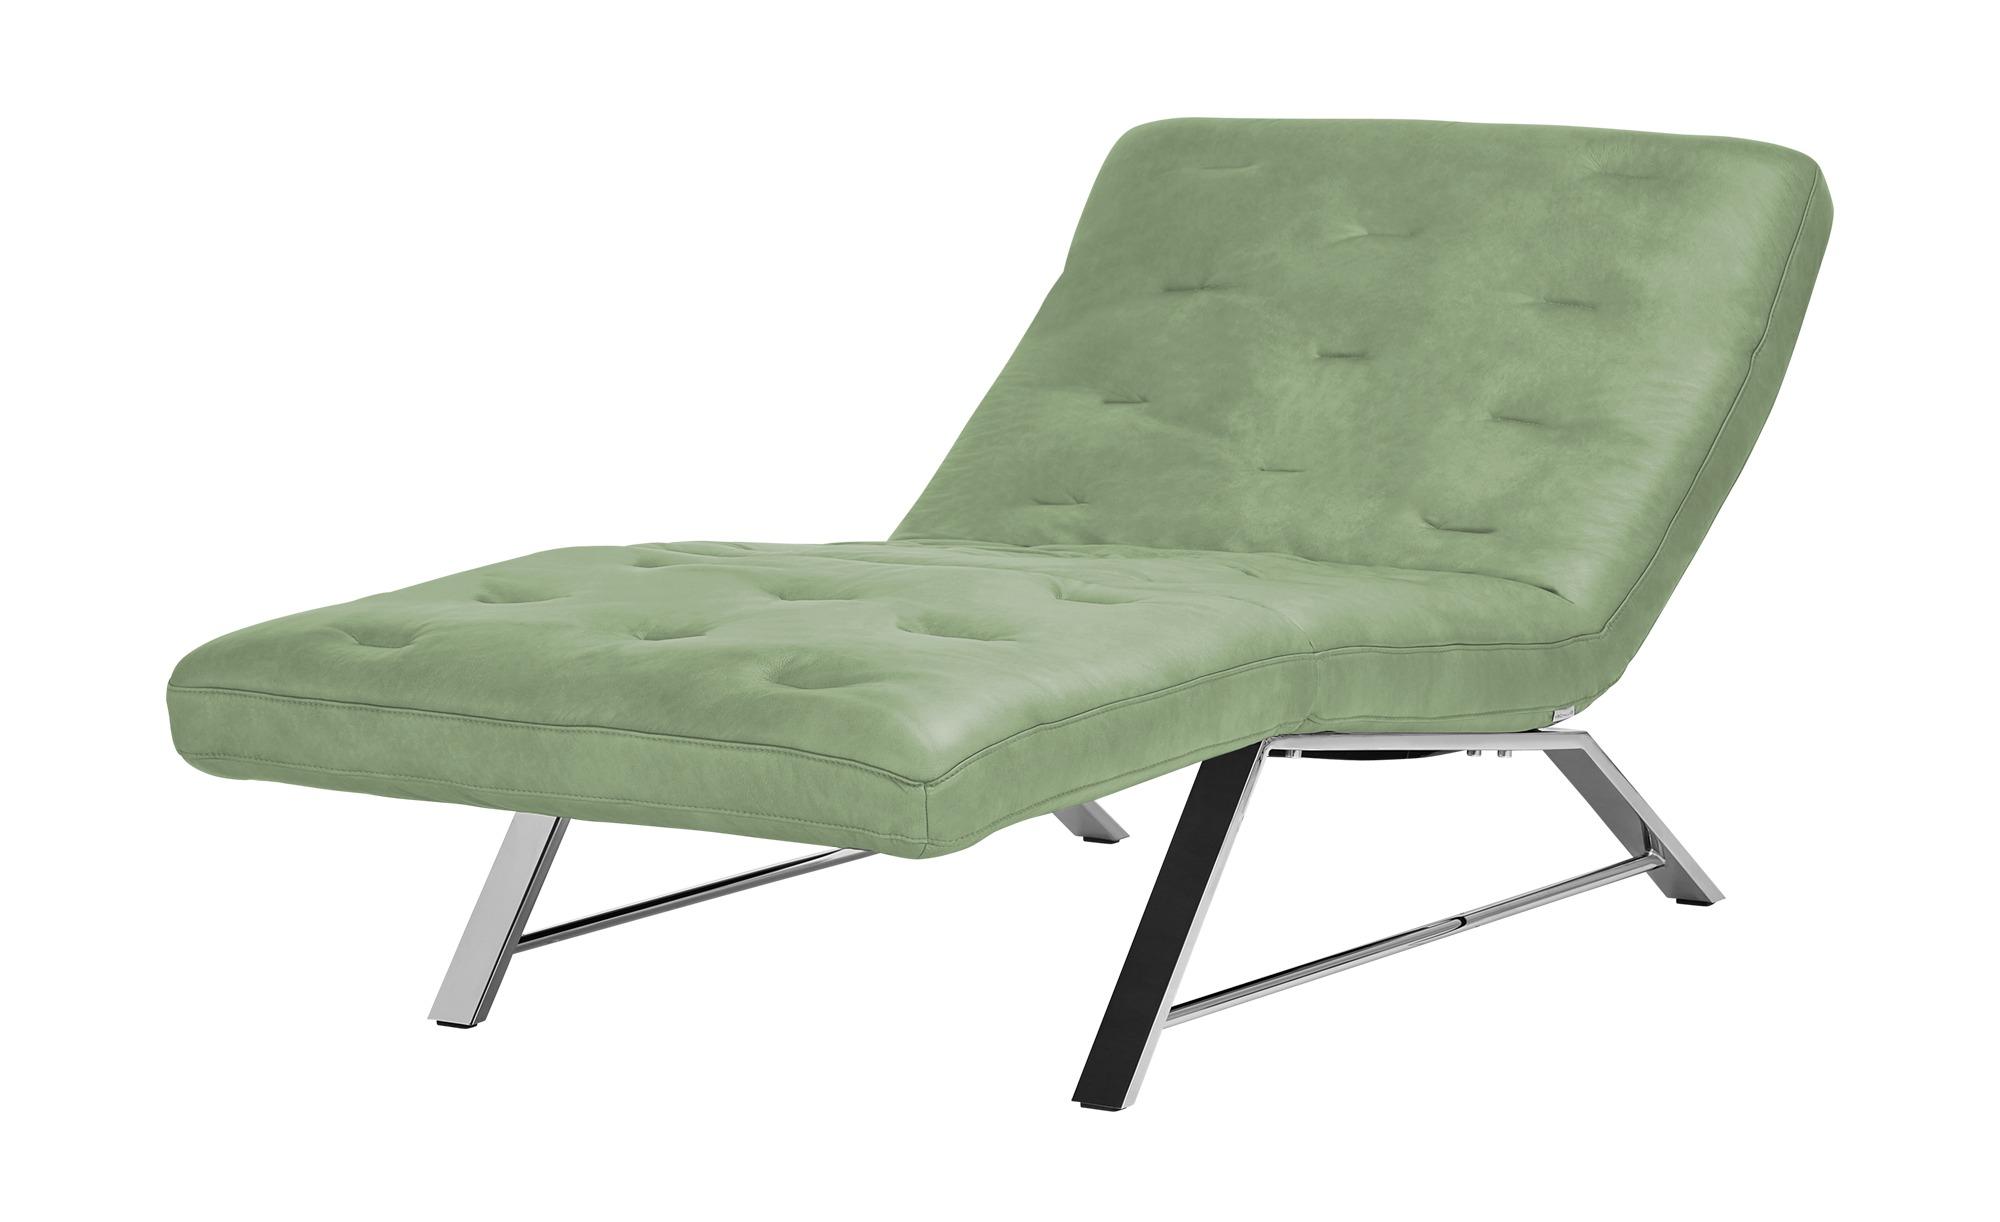 Relaxliege Leder  Sweet Dreams ¦ grün ¦ Maße (cm): B: 95 H: 95 T: 192 Polstermöbel > Relaxliegen - Höffner | Wohnzimmer > Sessel > Relaxliegen | Möbel Höffner DE